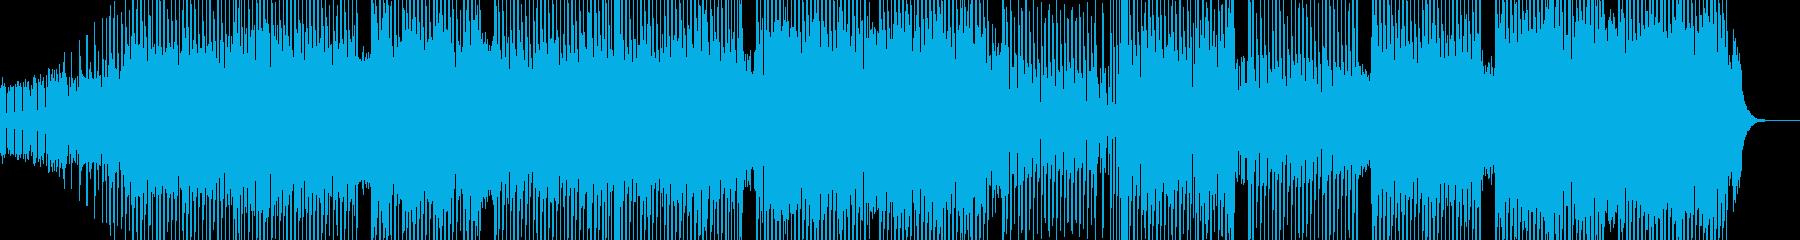 科学・浮遊感漂うテクノ 表拍リズム Bの再生済みの波形